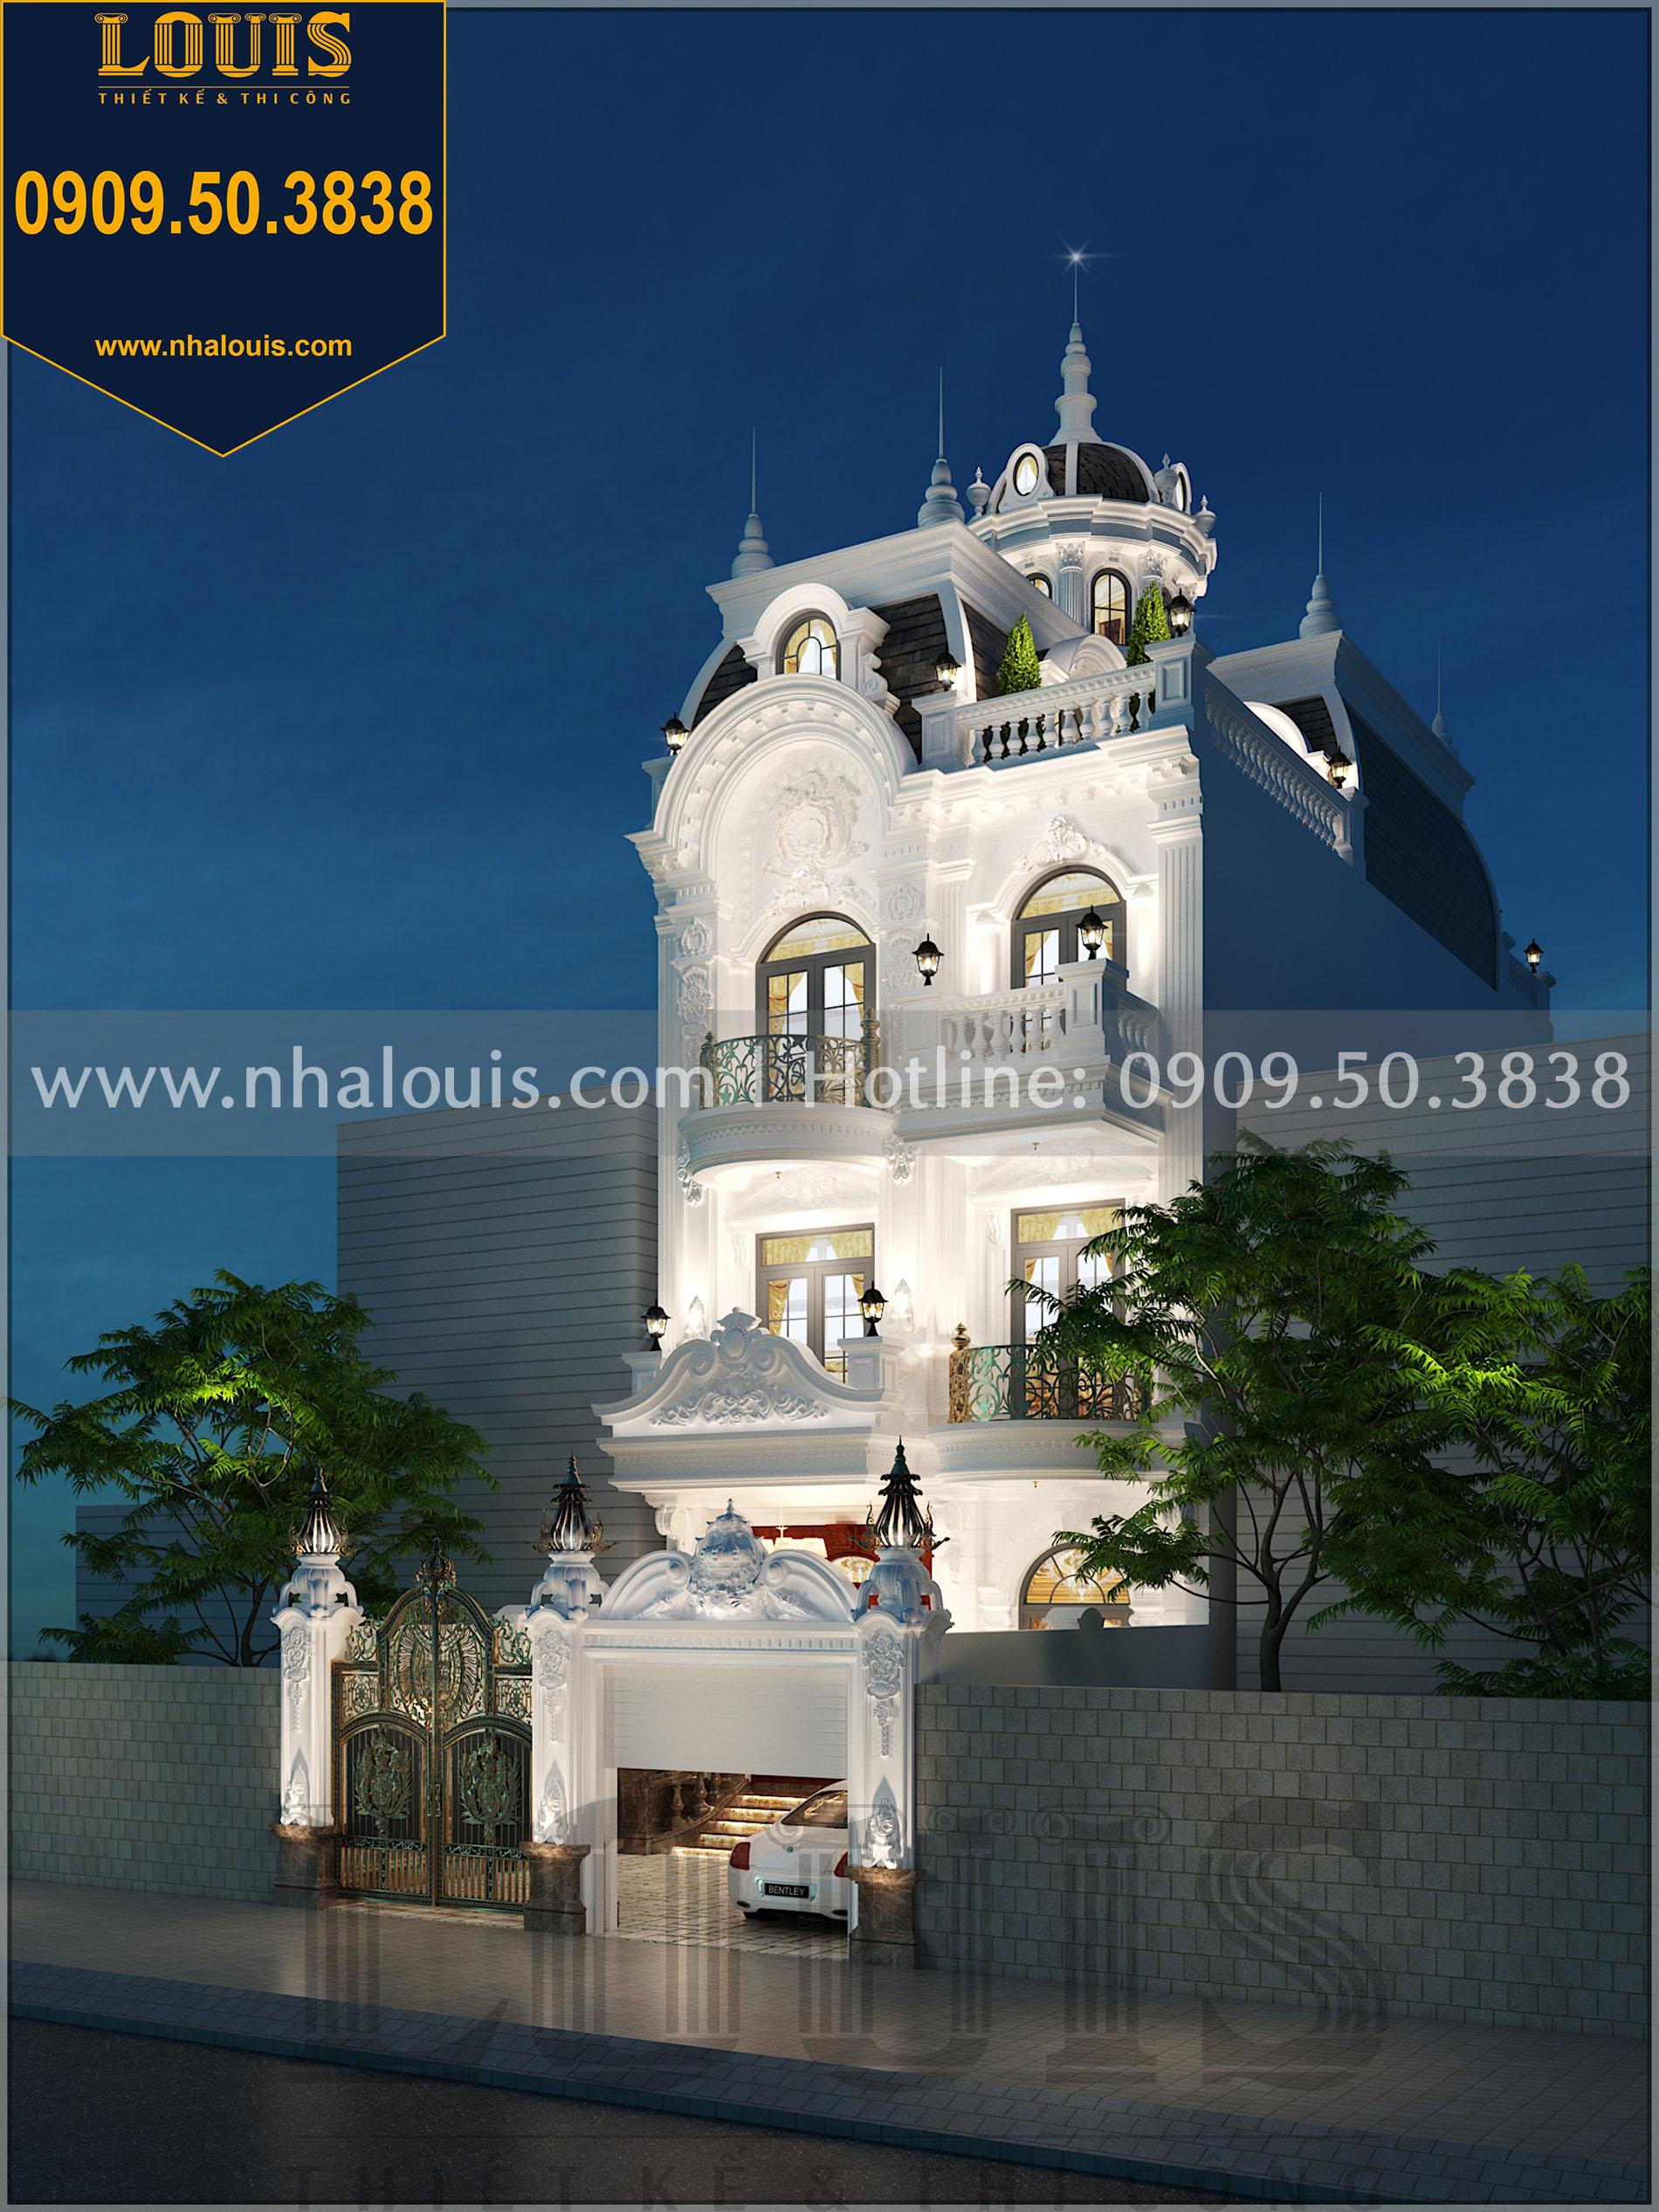 Thiết kế biệt thự 4 phòng ngủ có mái vòm cực chất tại Long An